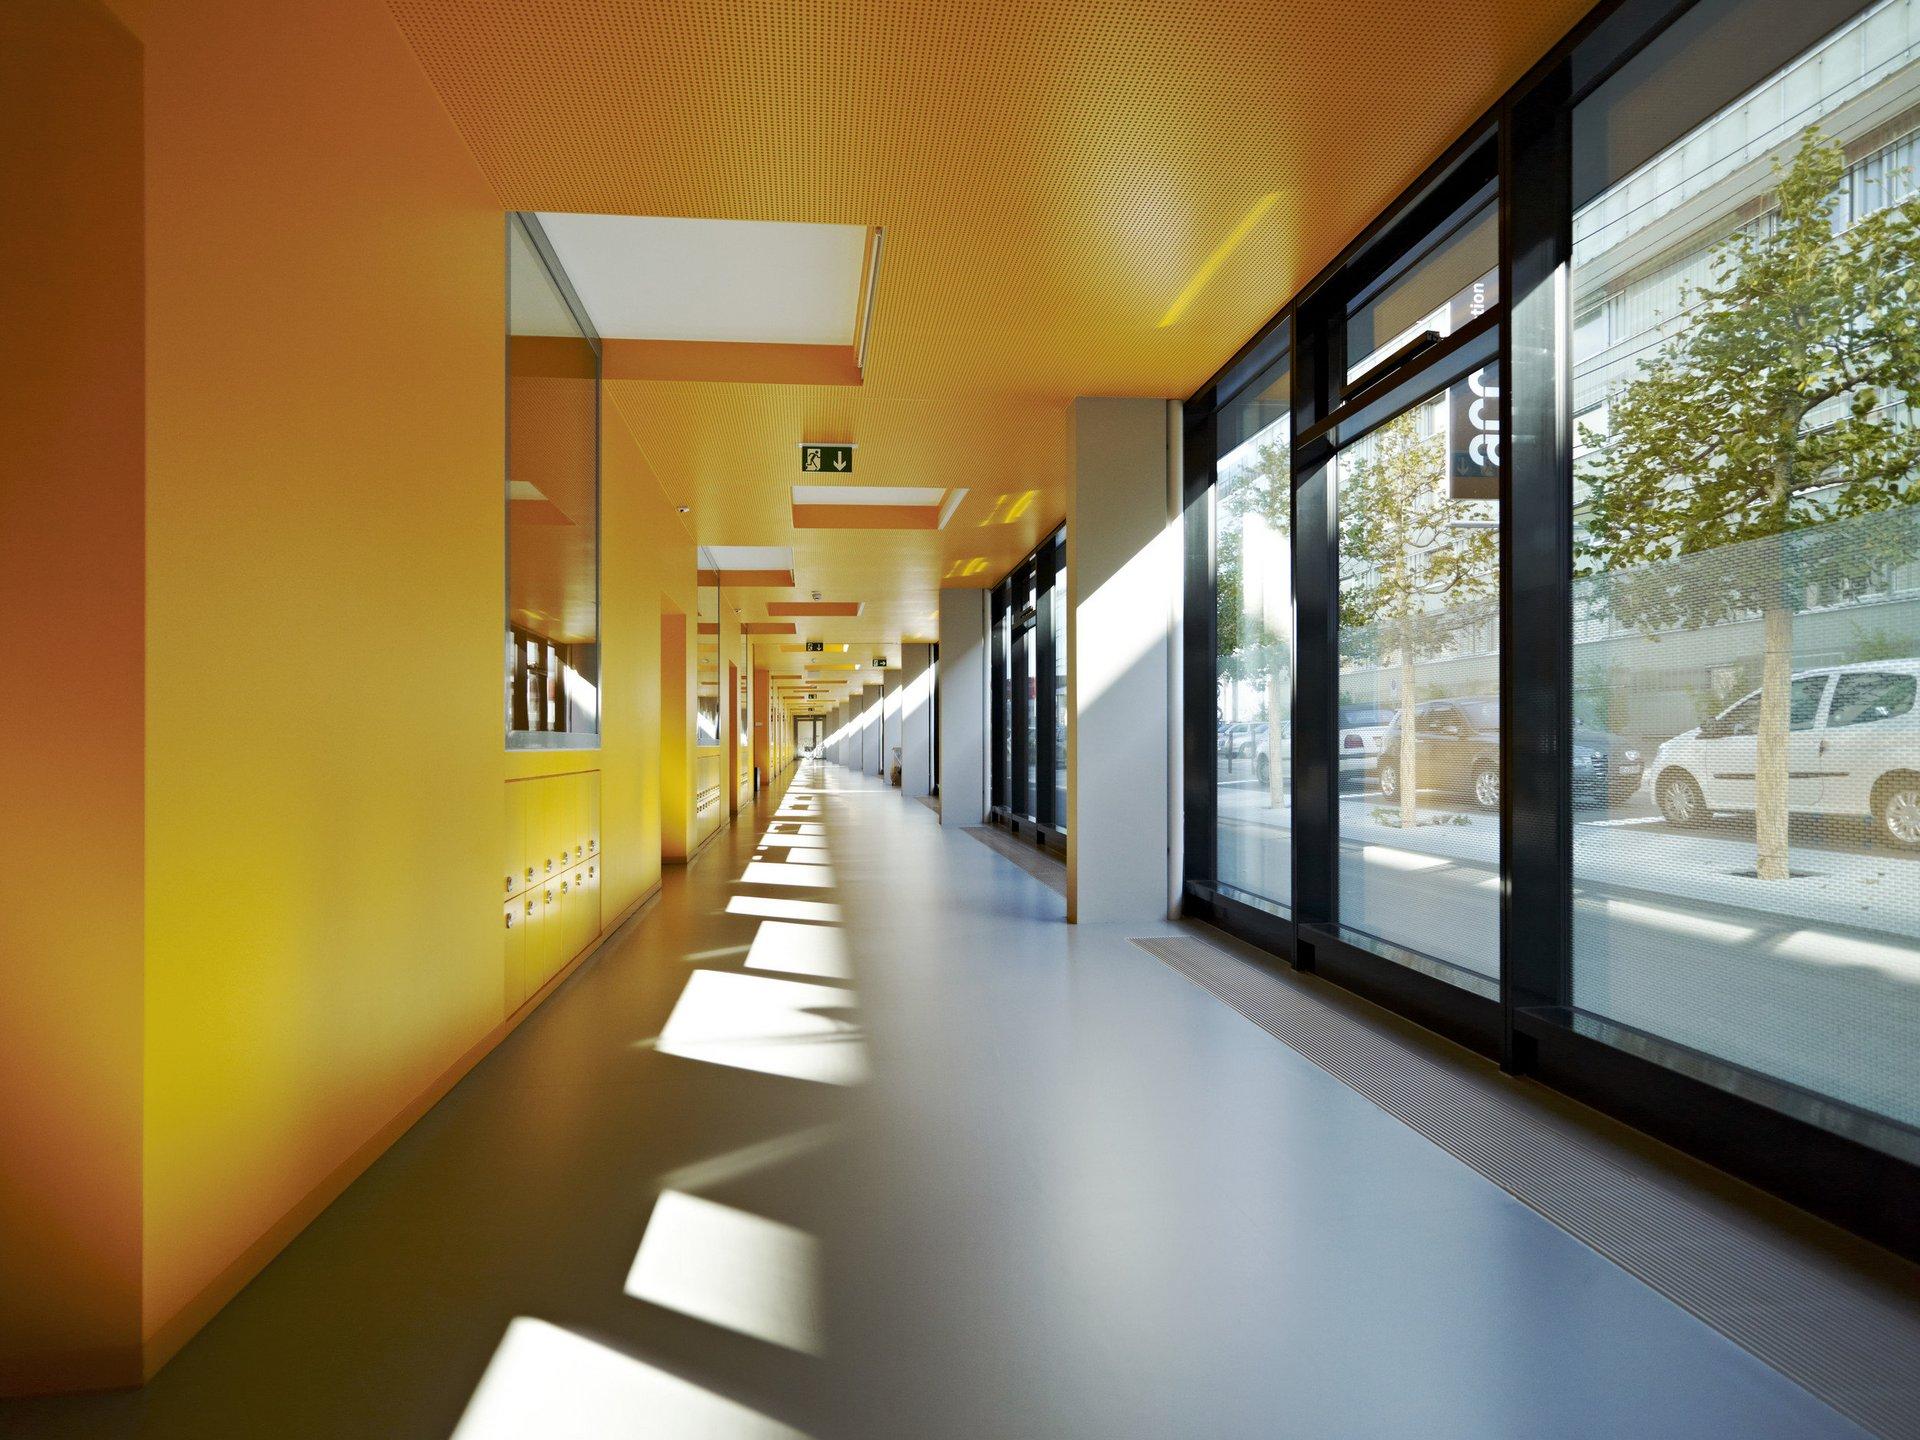 Einflügelfensterelemente mit Oberlicht aus Holz-Metall im Flur